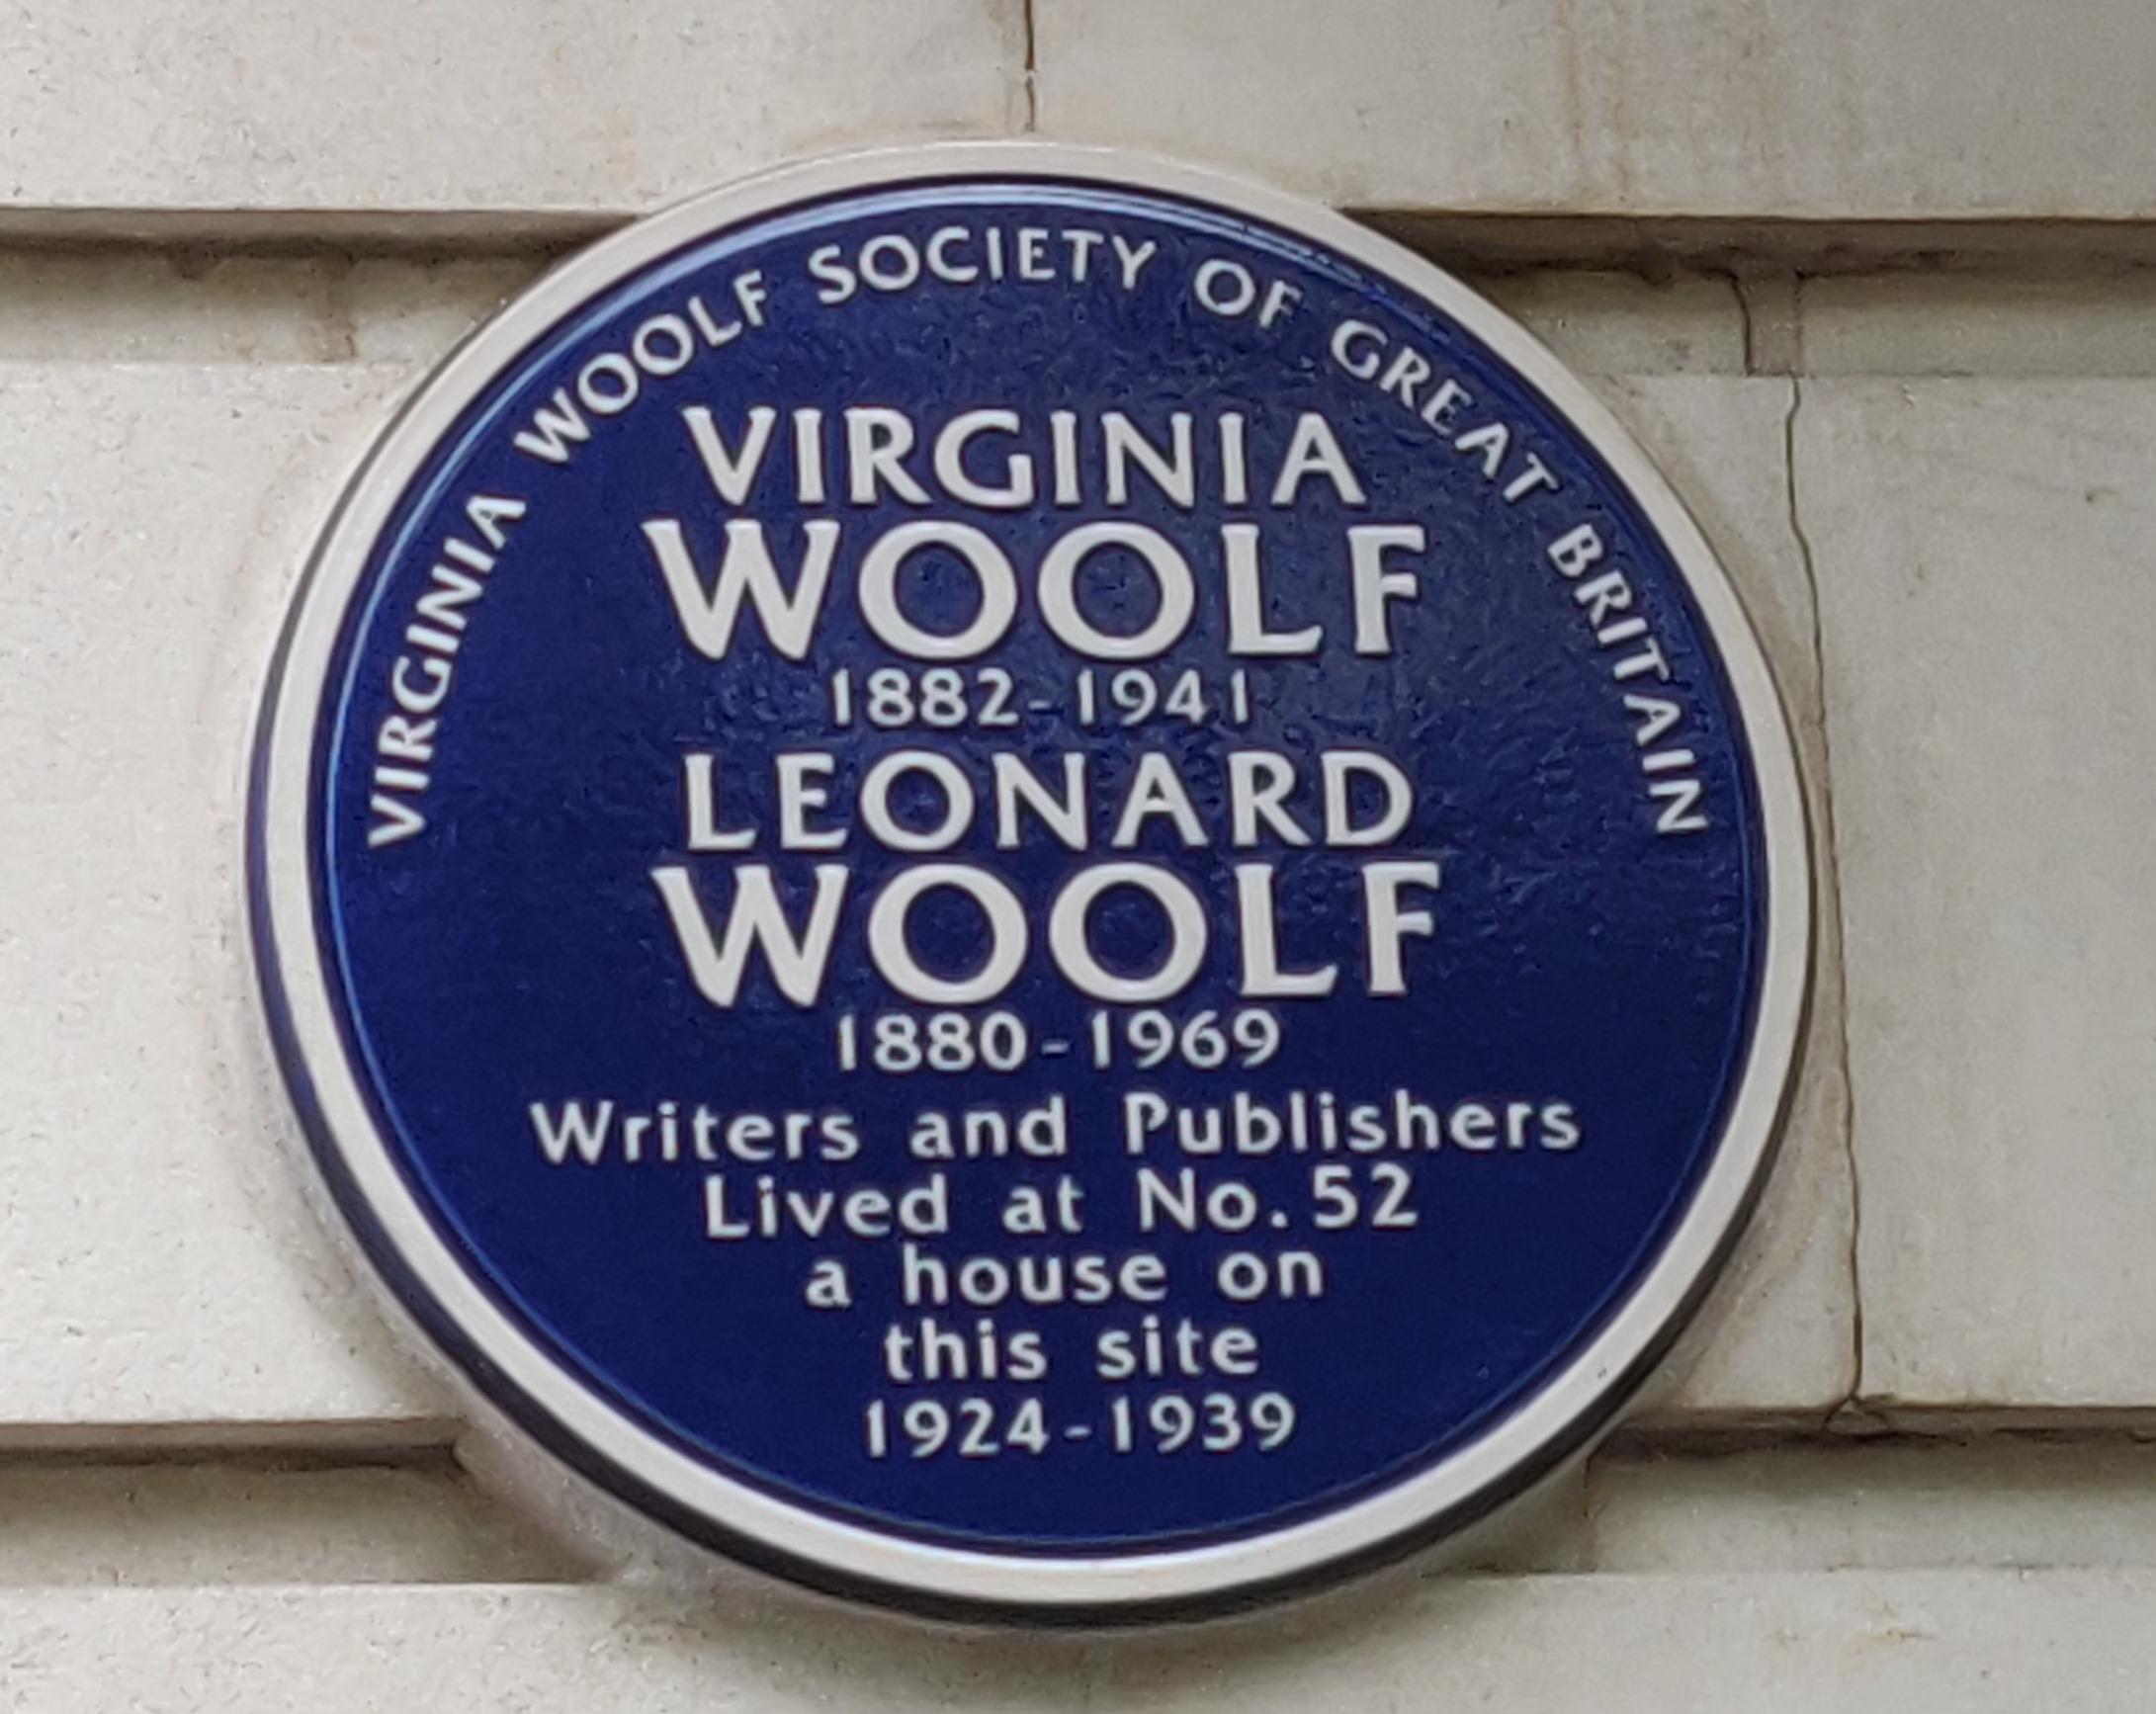 Virginia Woolf Blue Plaque